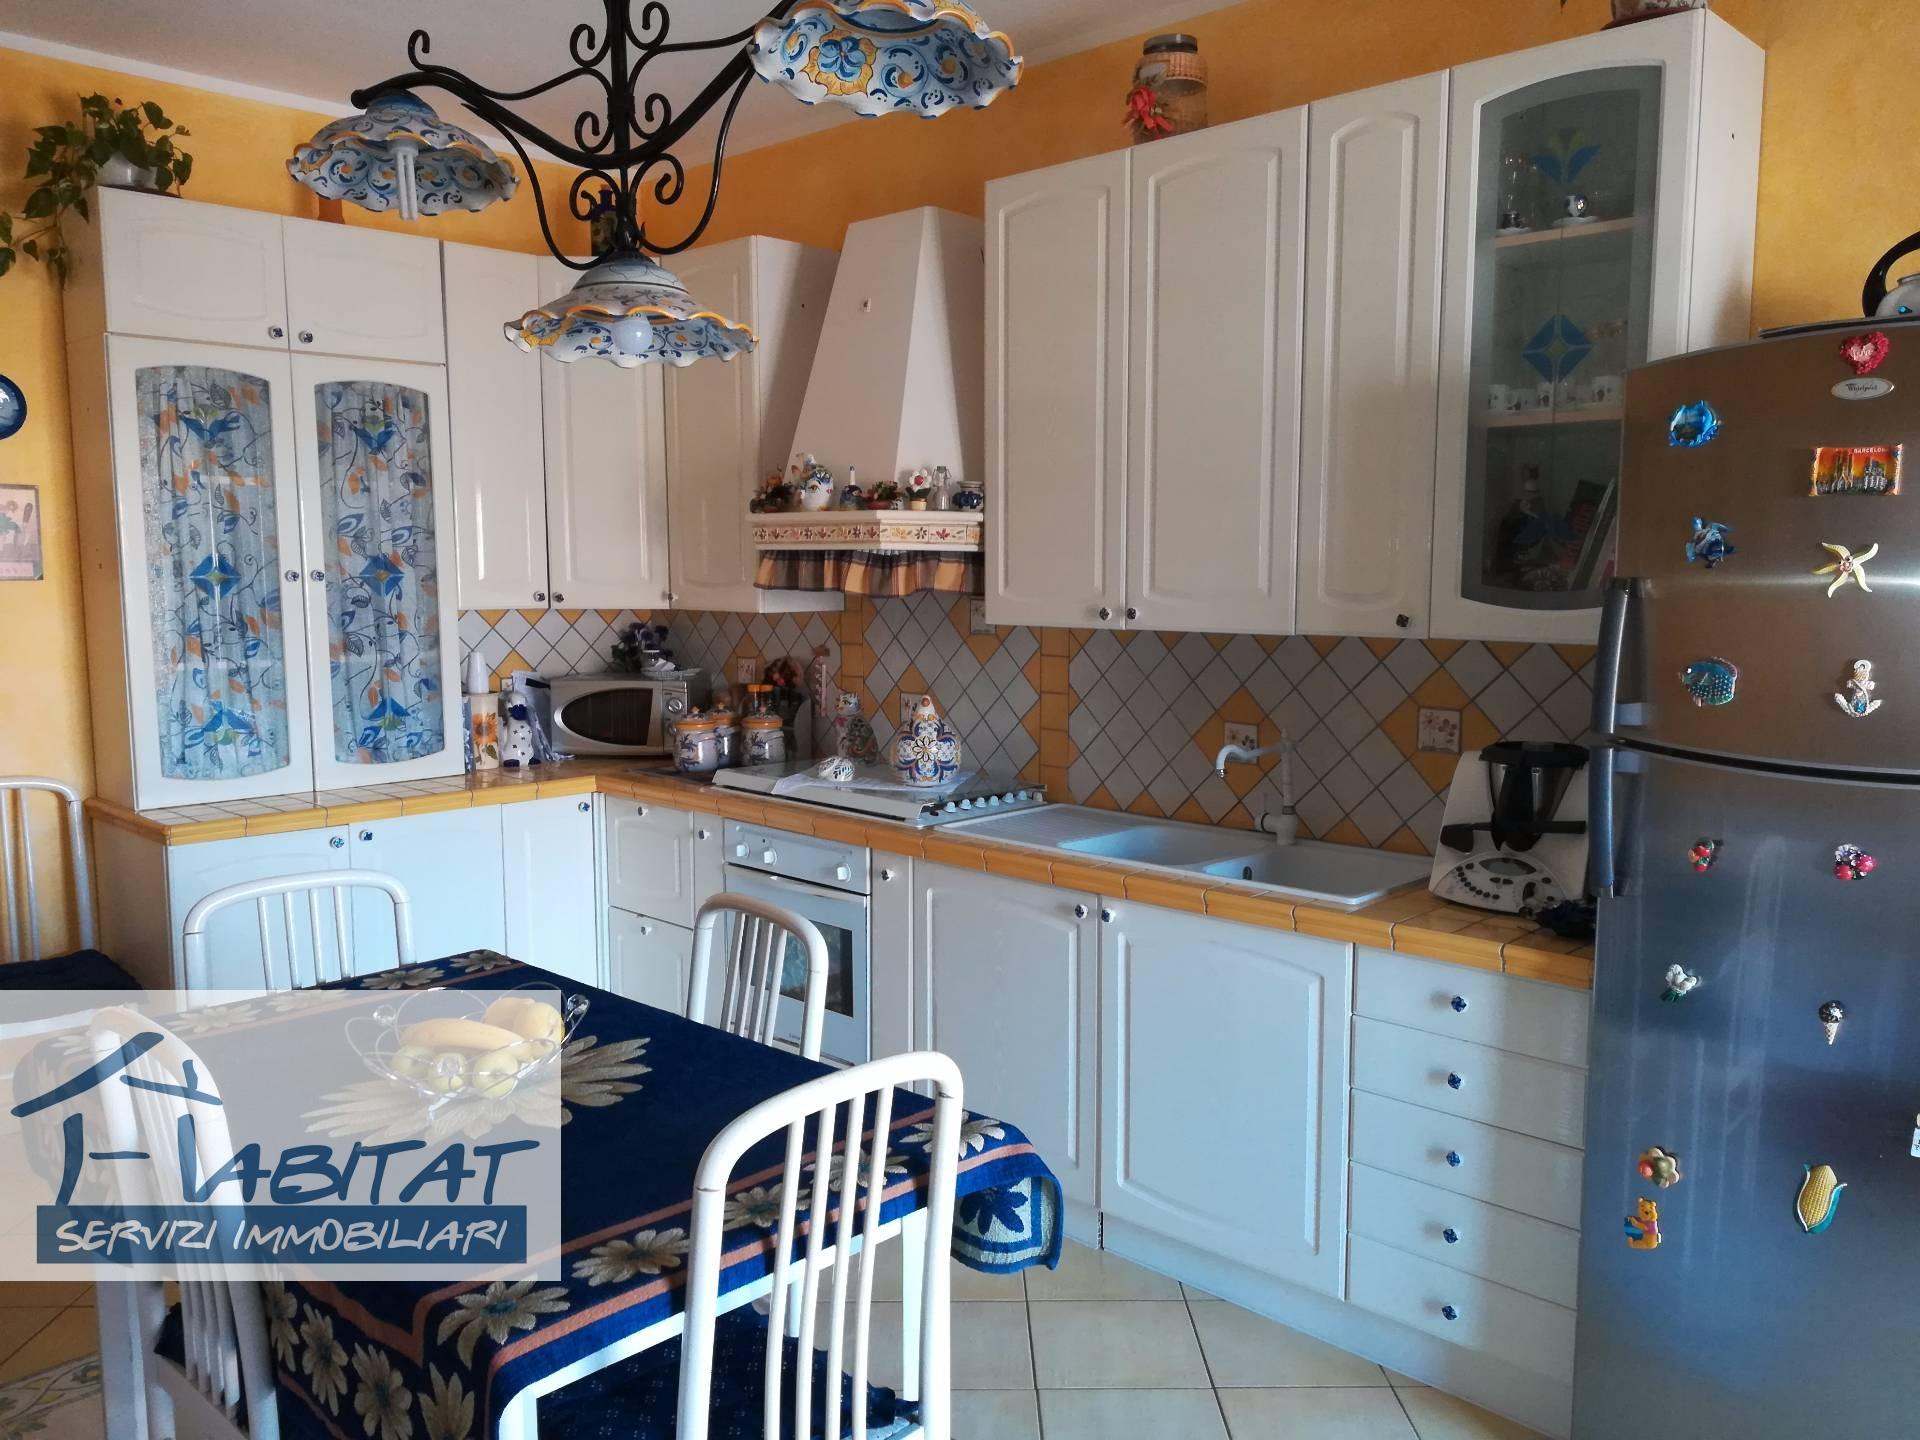 Appartamento in vendita a Agrigento, 5 locali, zona Località: SanGiusippuzzu, prezzo € 119.000 | CambioCasa.it